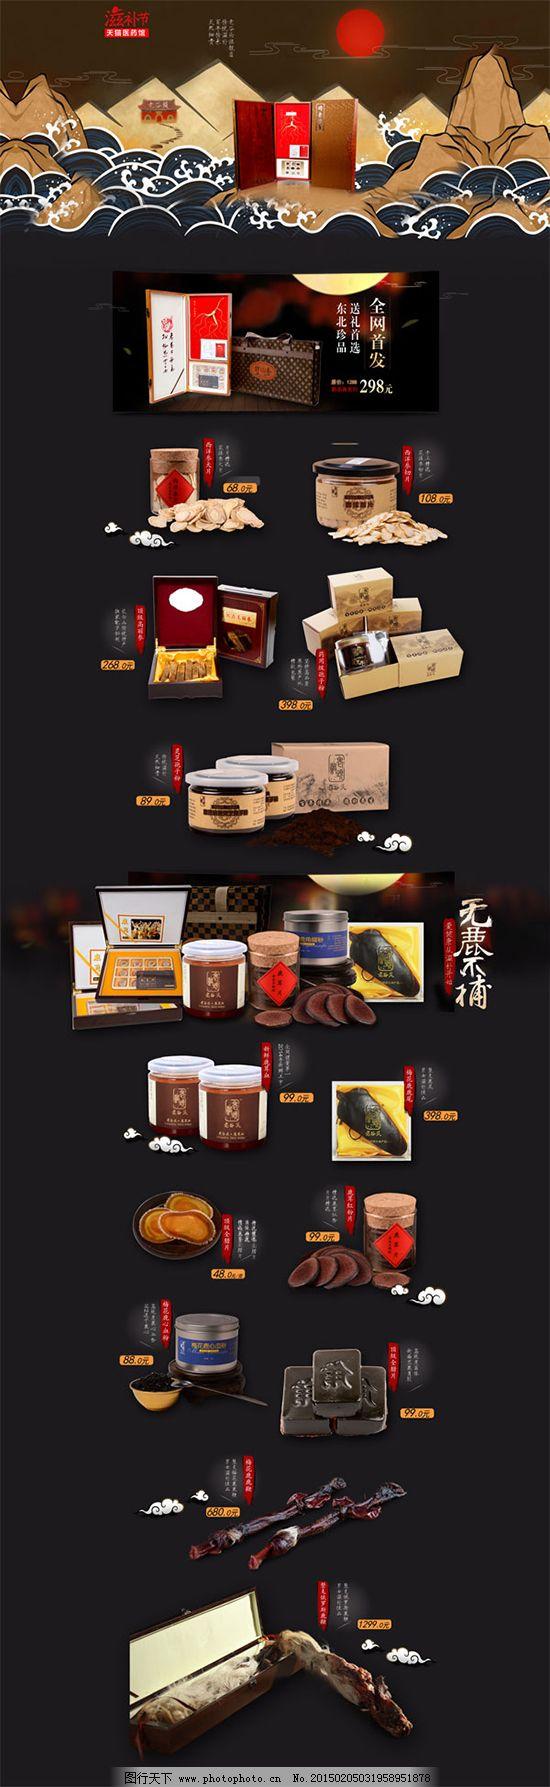 中国风保健品模板 中国风保健品模板免费下载 礼盒 淘宝 炫彩 炫彩